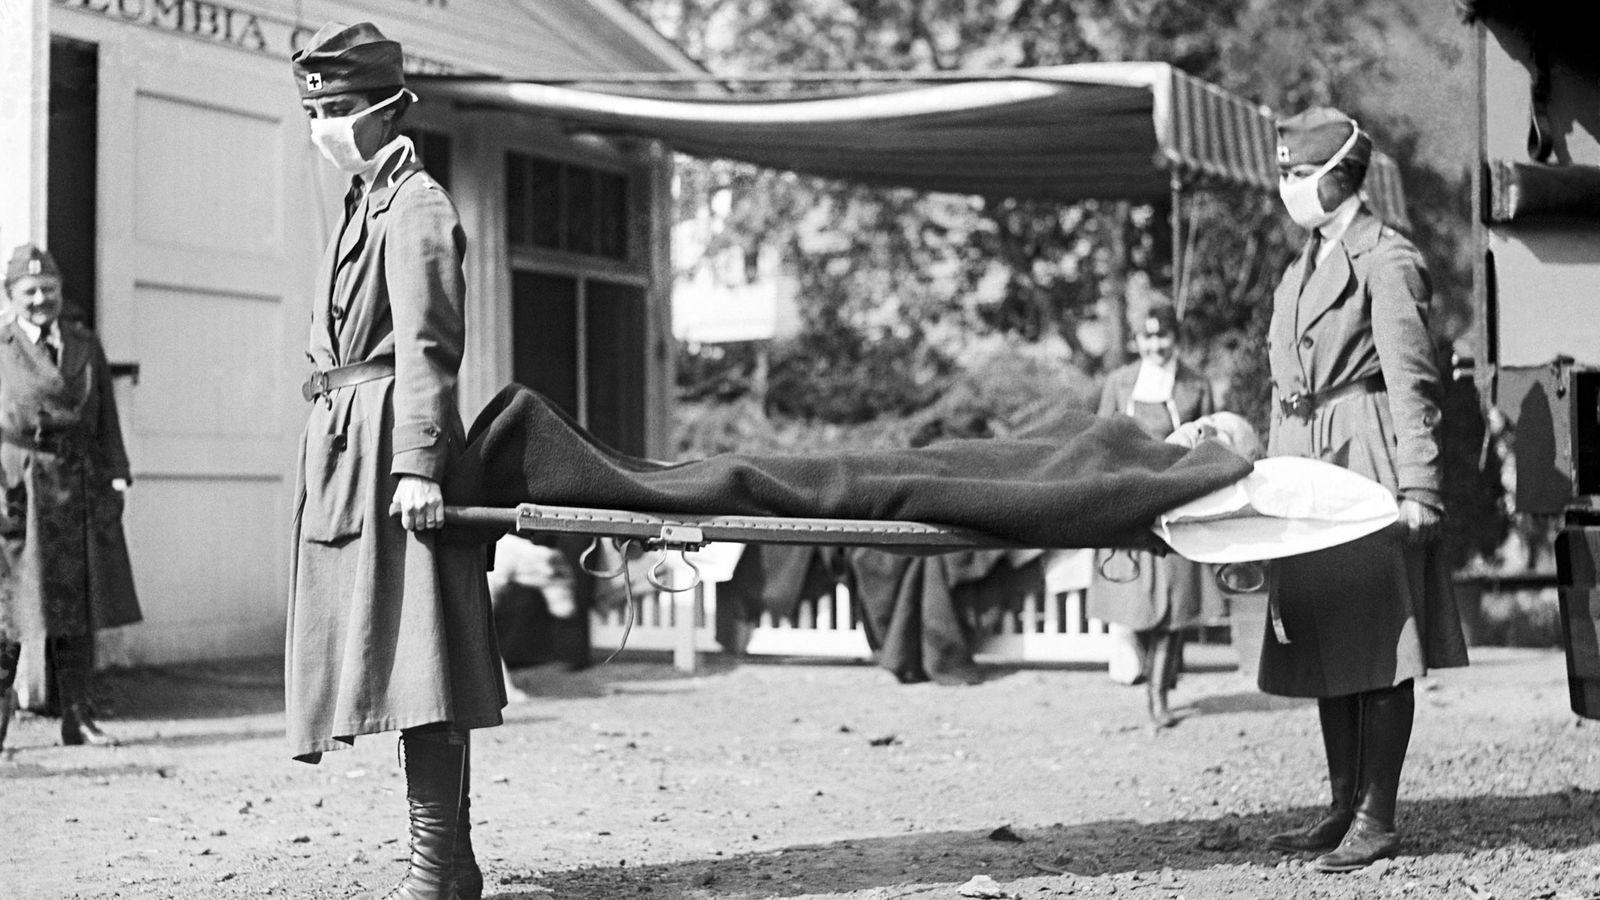 Quando ocorreu a pandemia de gripe espanhola, muitos médicos estavam servindo na Primeira Guerra Mundial, então ...